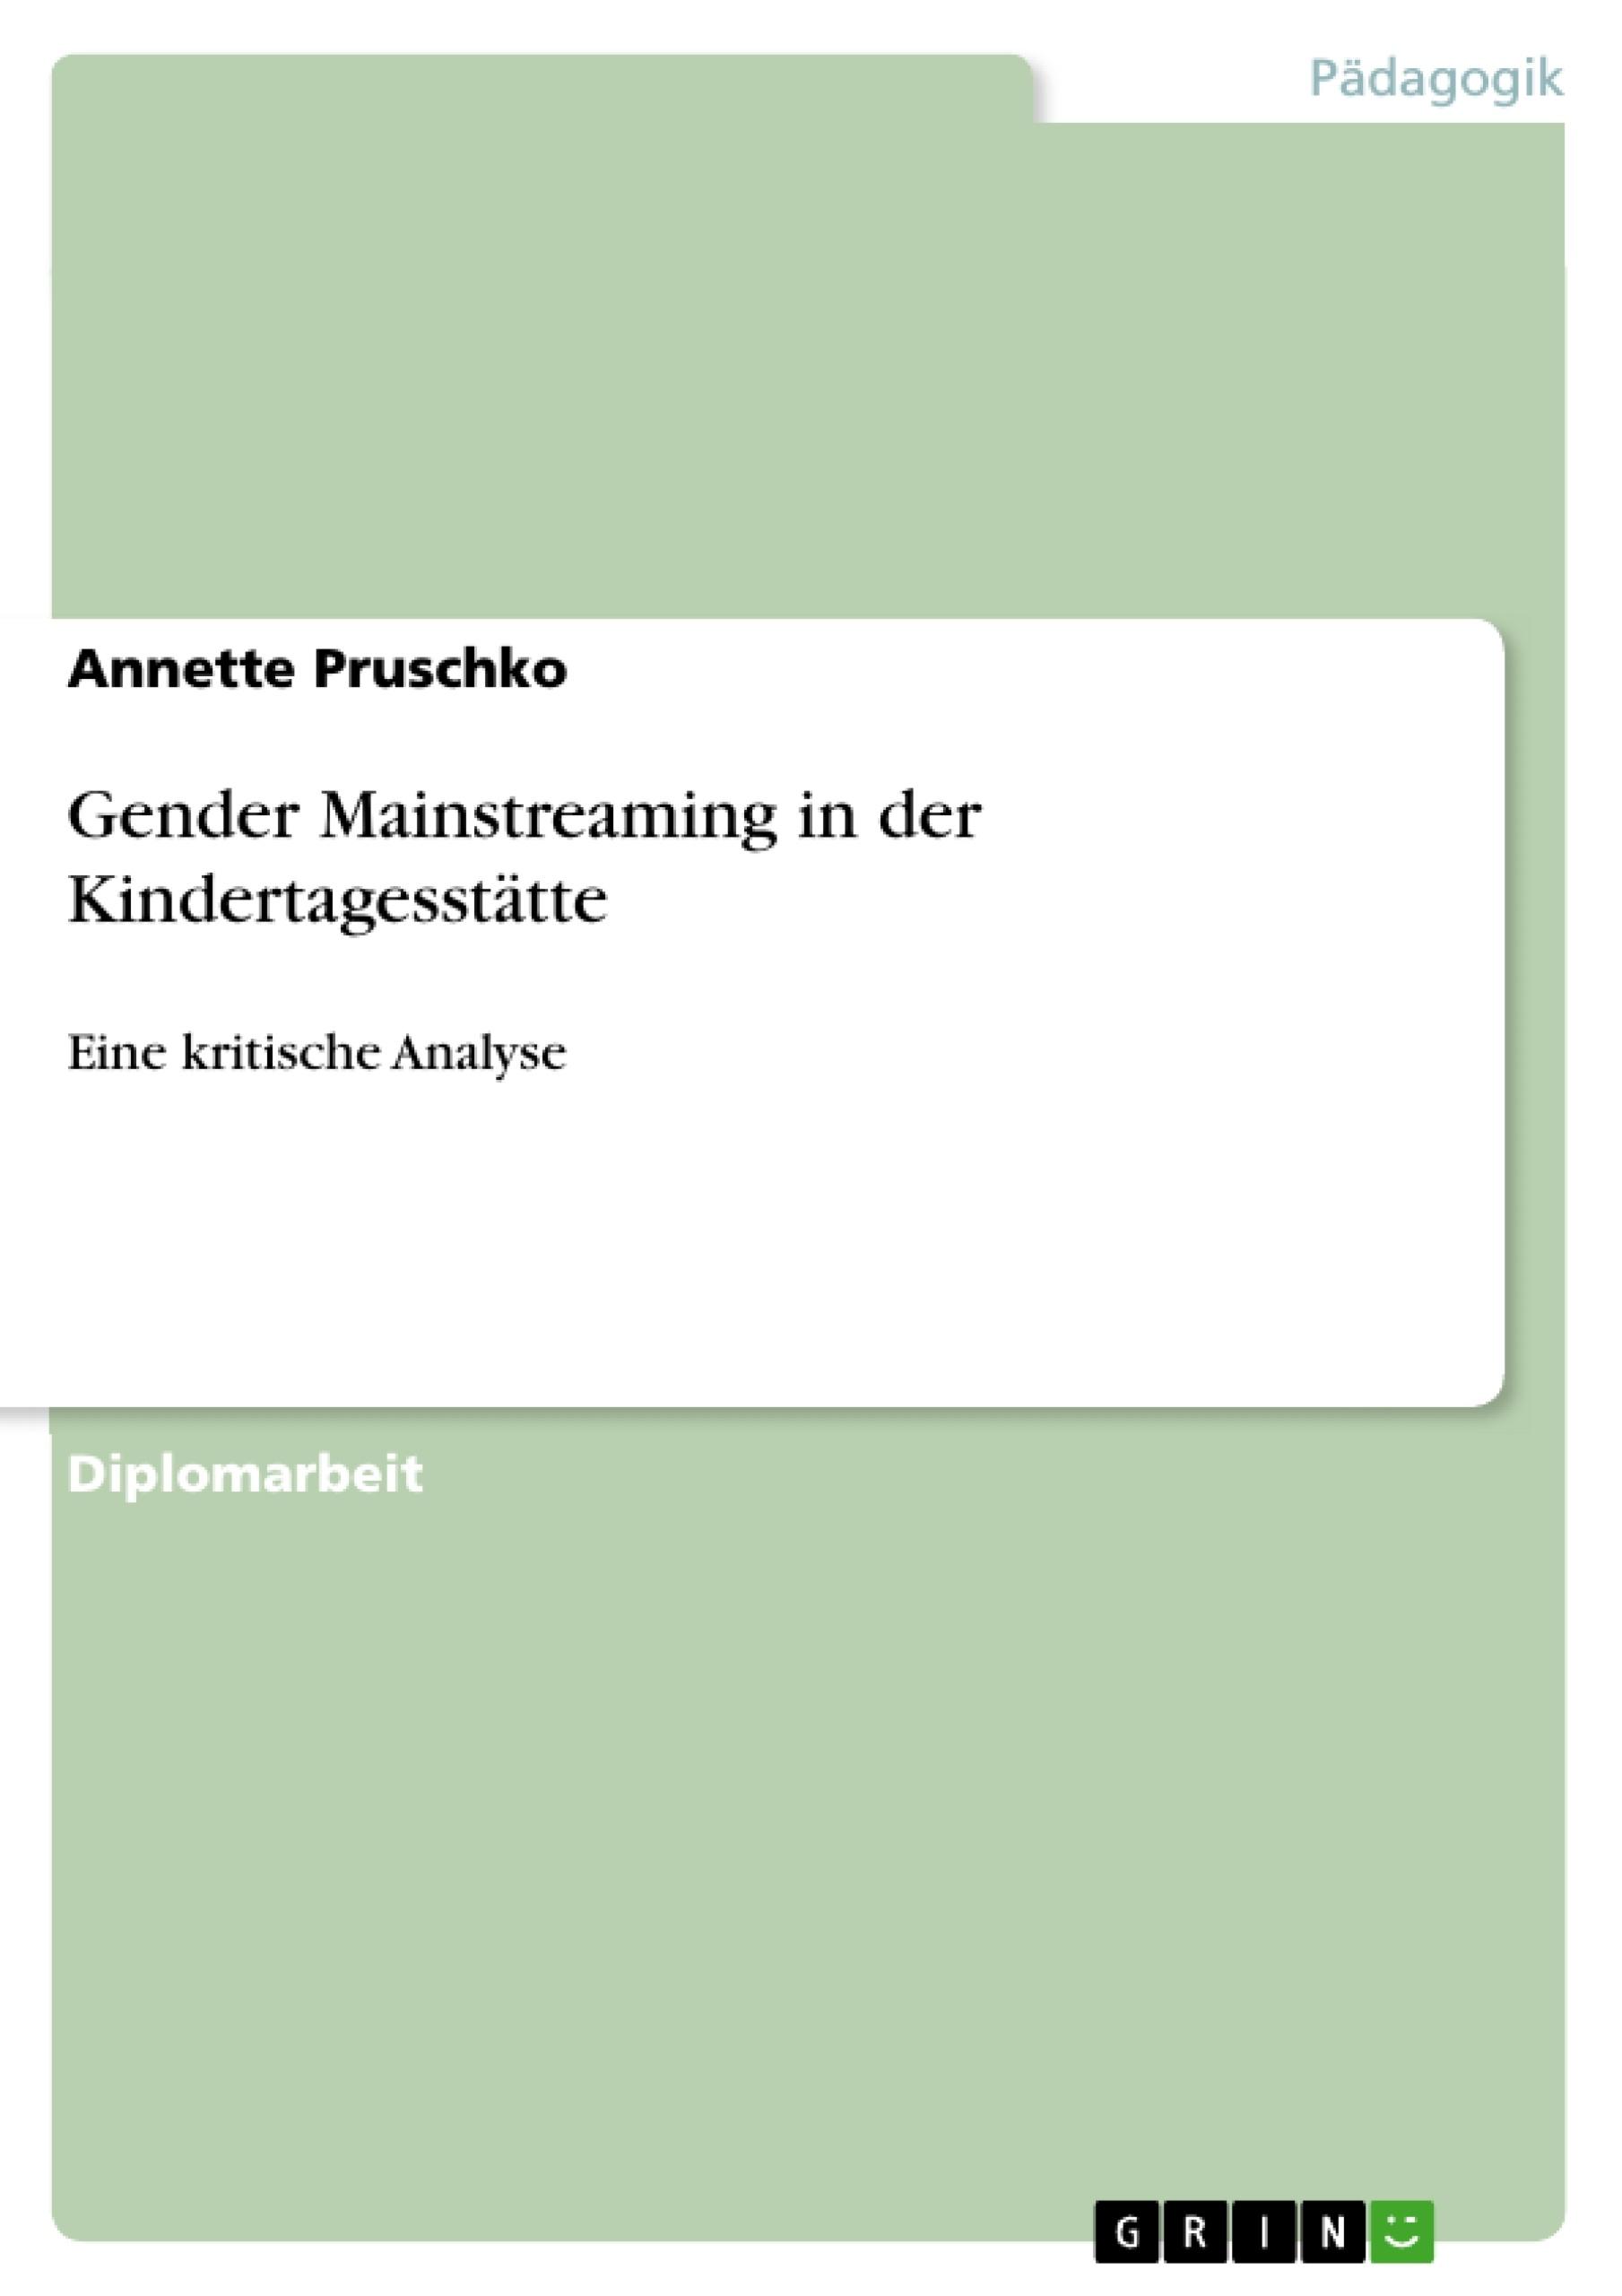 Titel: Gender Mainstreaming in der Kindertagesstätte